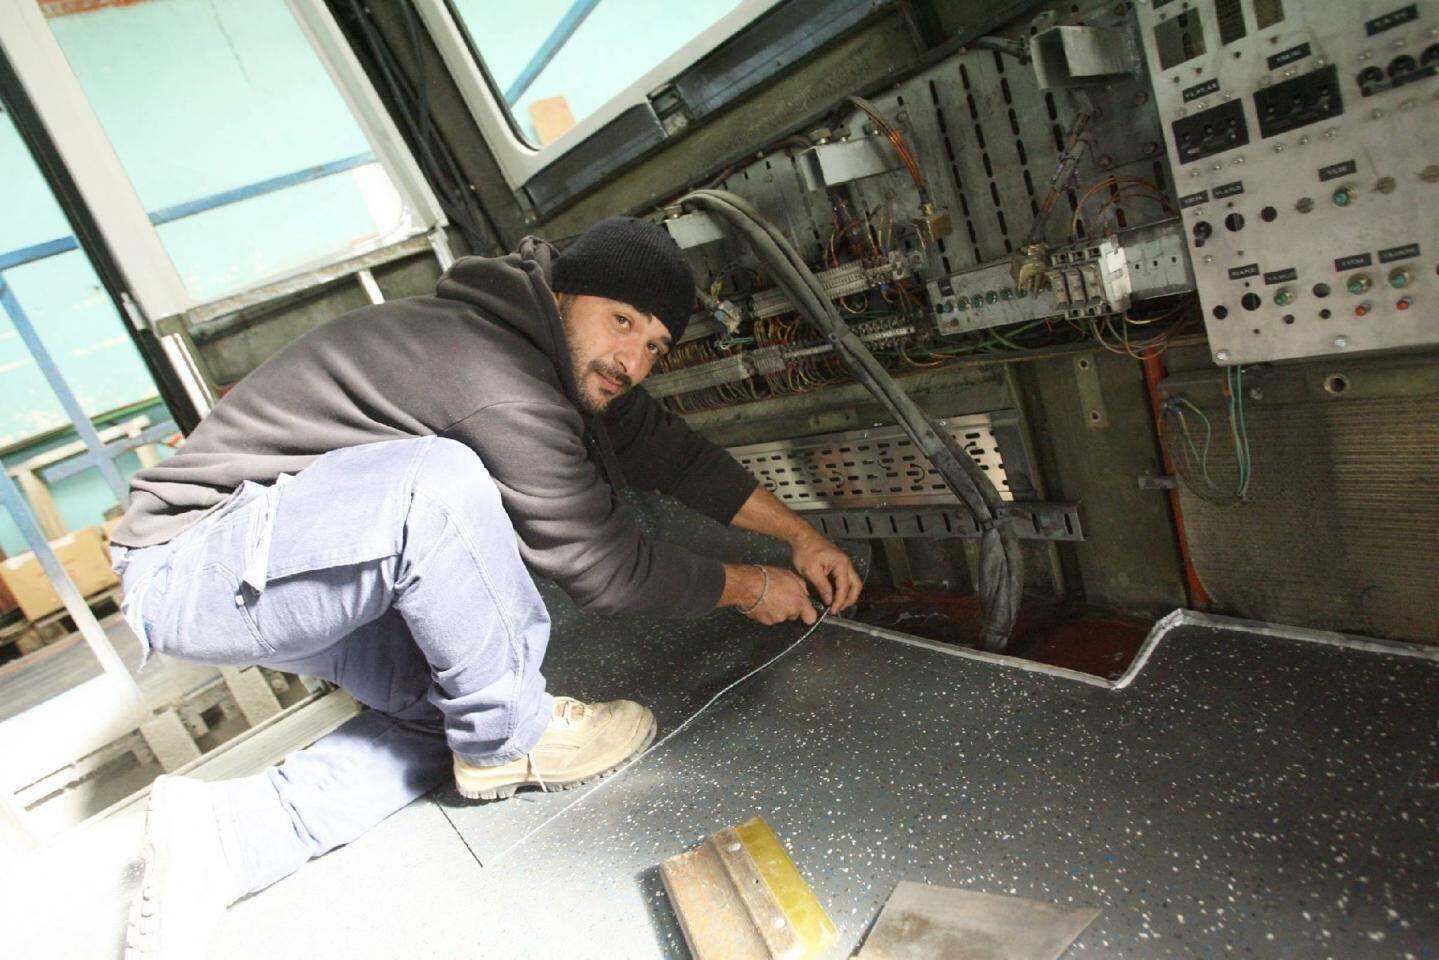 Philippe travaille depuis onze ans à AnsaldoBreda. Il est garnisseur.